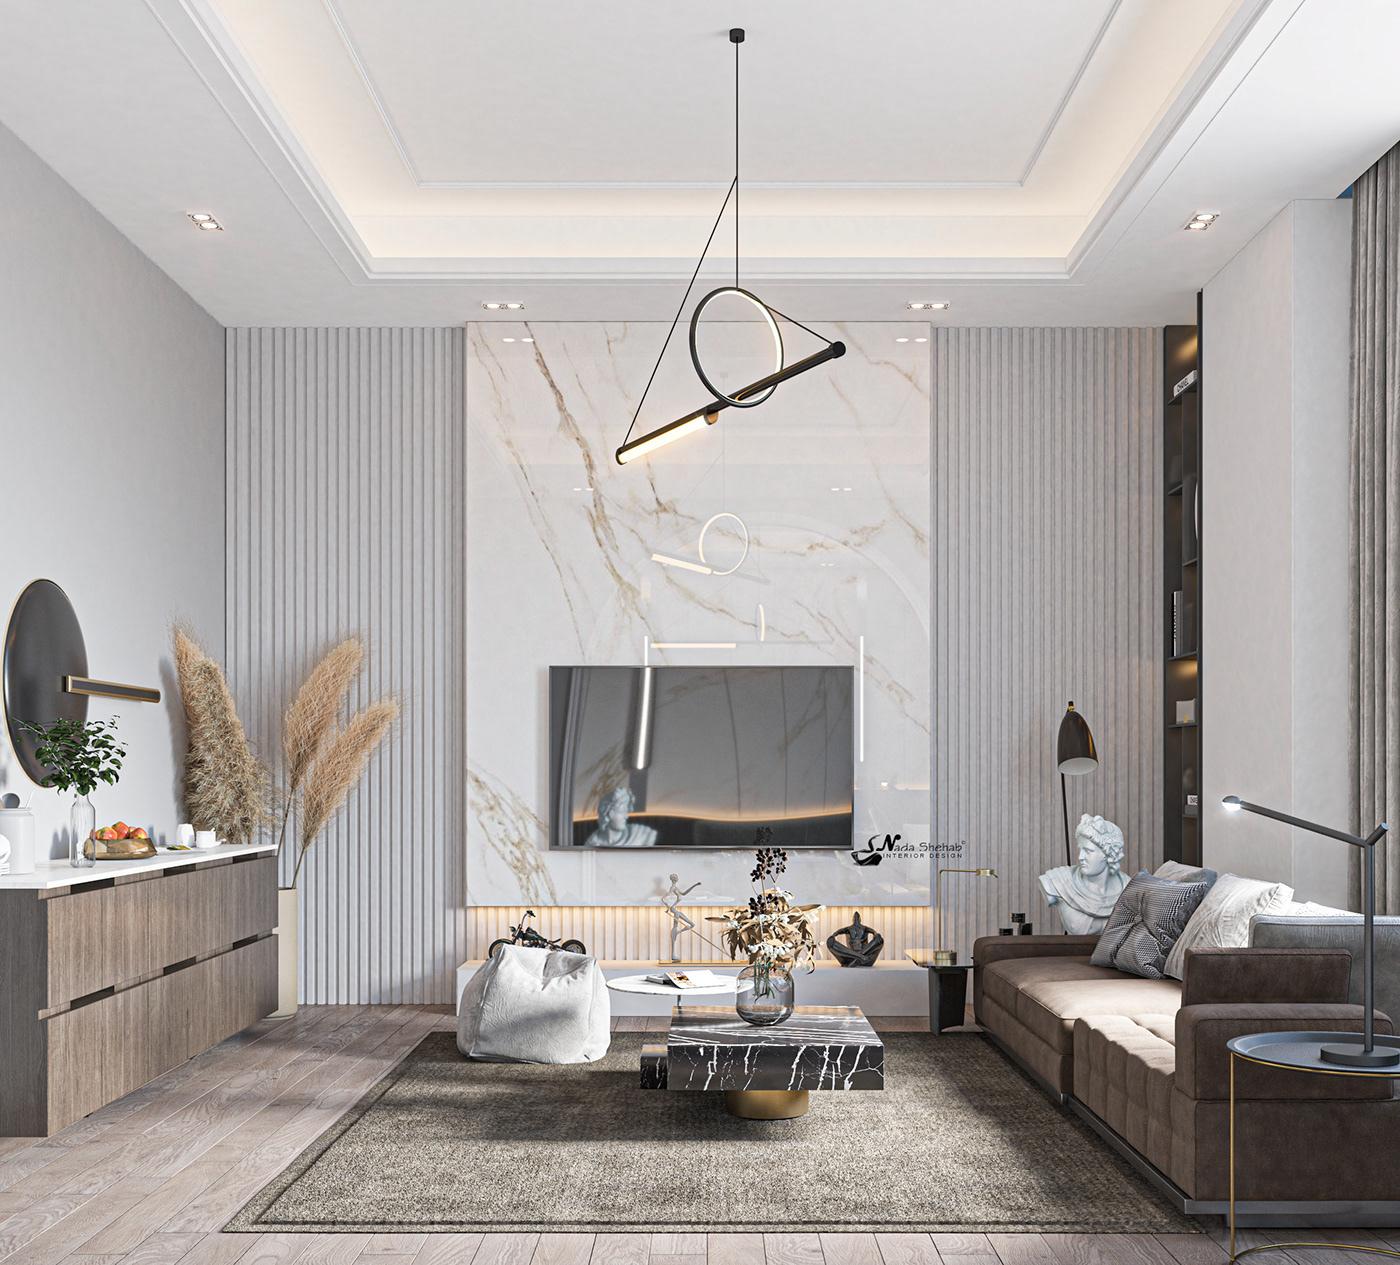 Hình ảnh có thể chứa: trong nhà, nội thất và tường